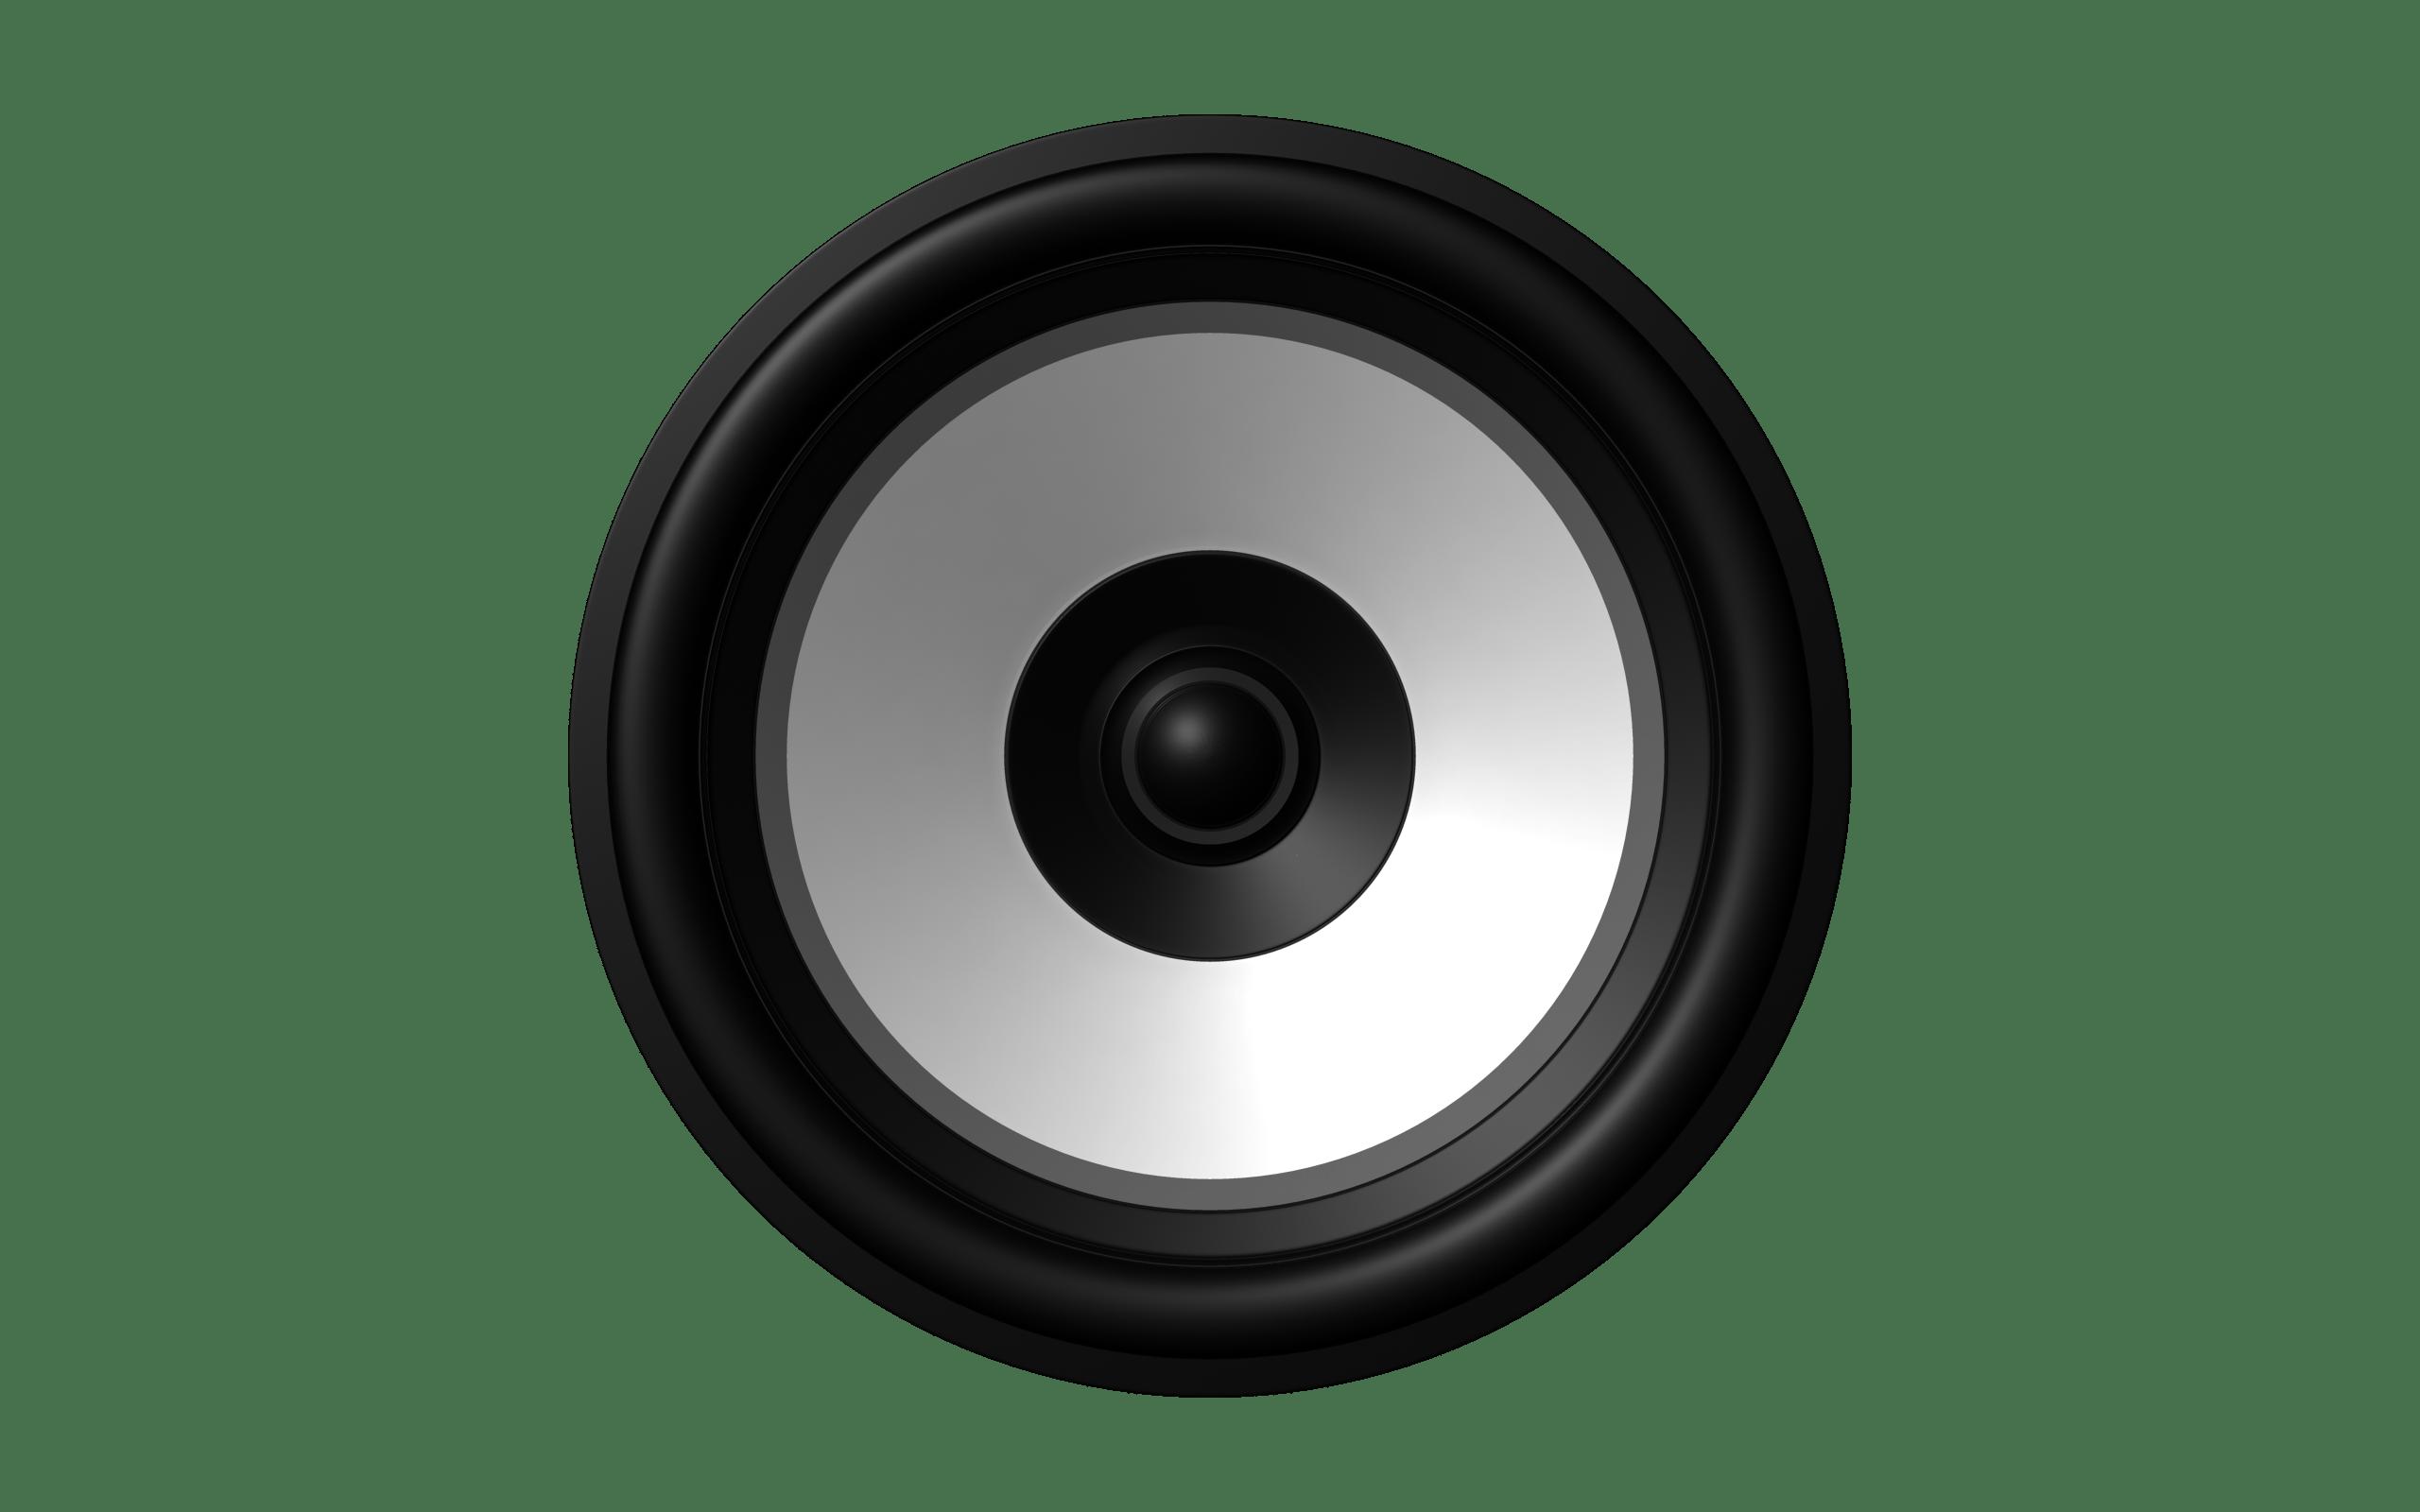 Audio Speakers Png Free Download Audio Speaker Png